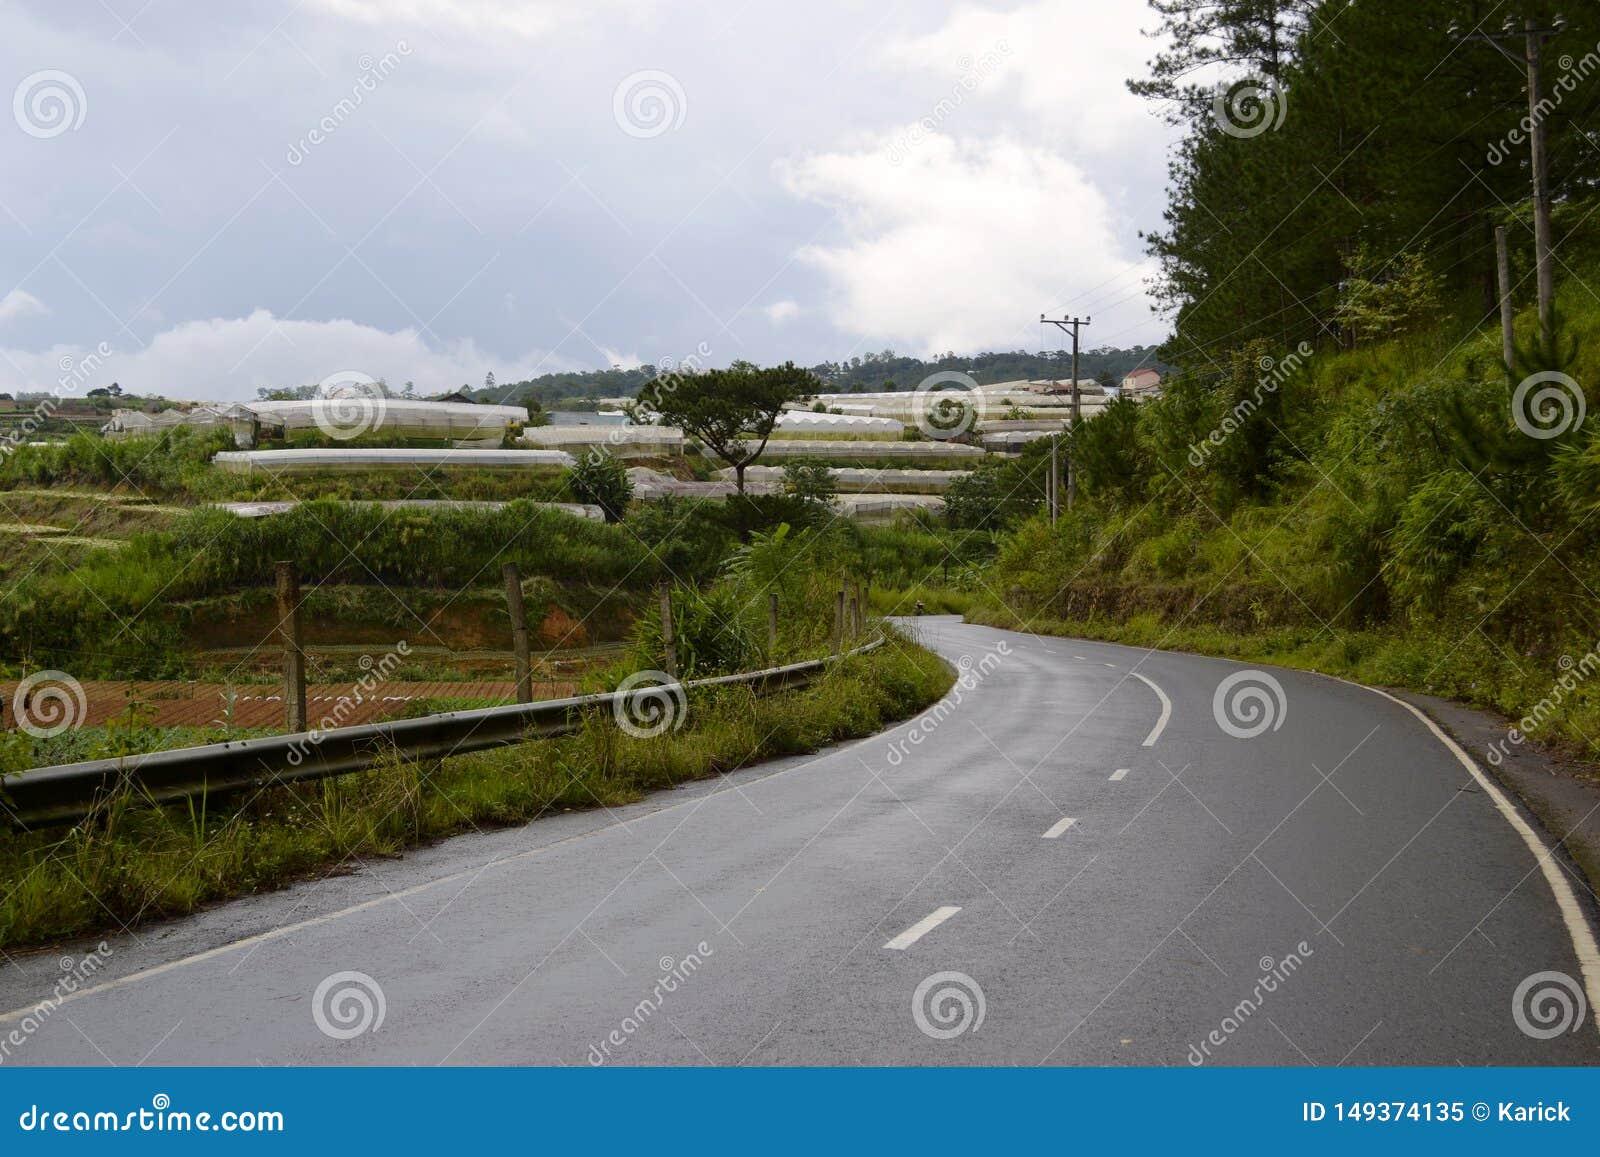 Gebogen asfaltweg langs groene bos en landbouwlandbouwbedrijven met serres